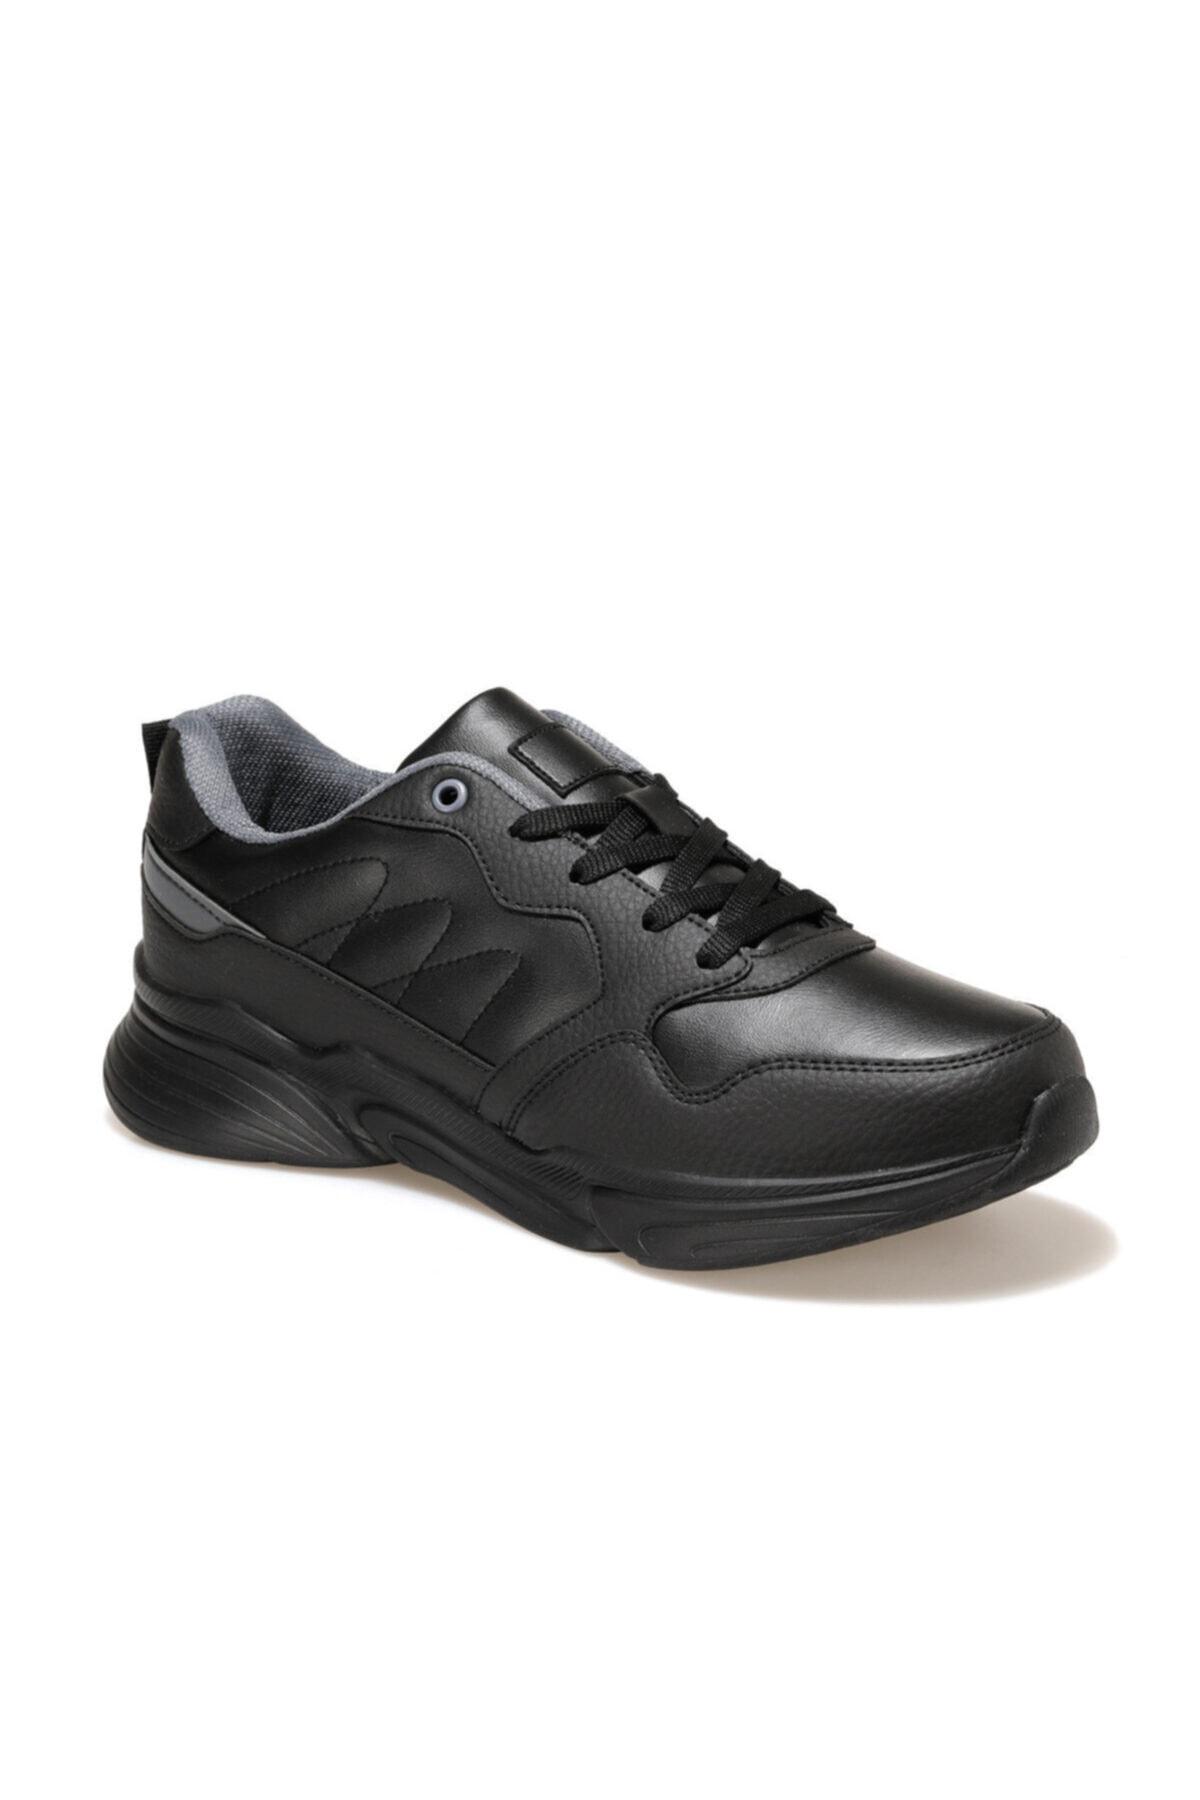 FORESTER EC-2010 Siyah Erkek Spor Ayakkabı 101015670 1